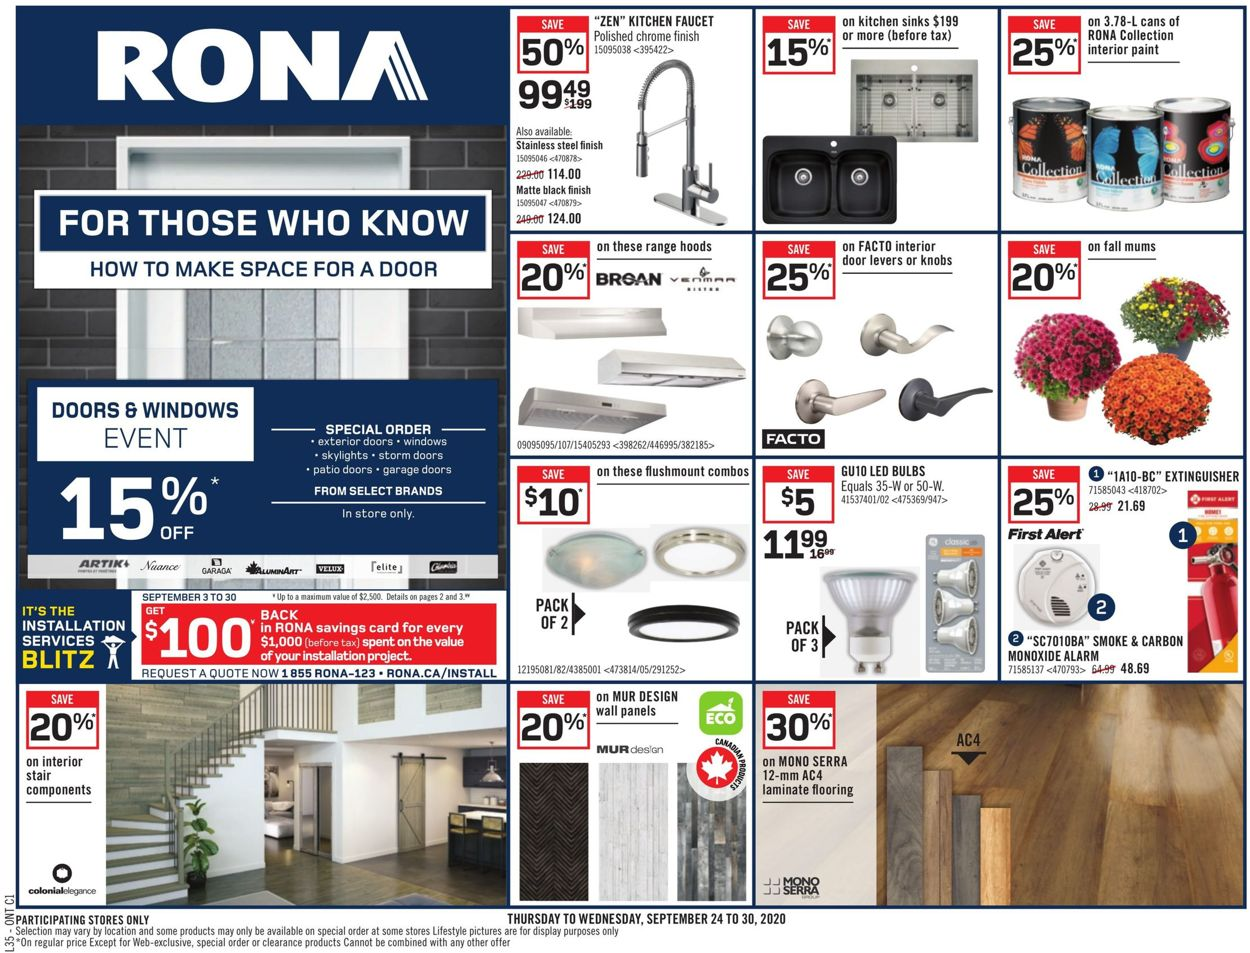 RONA Flyer - 09/24-09/30/2020